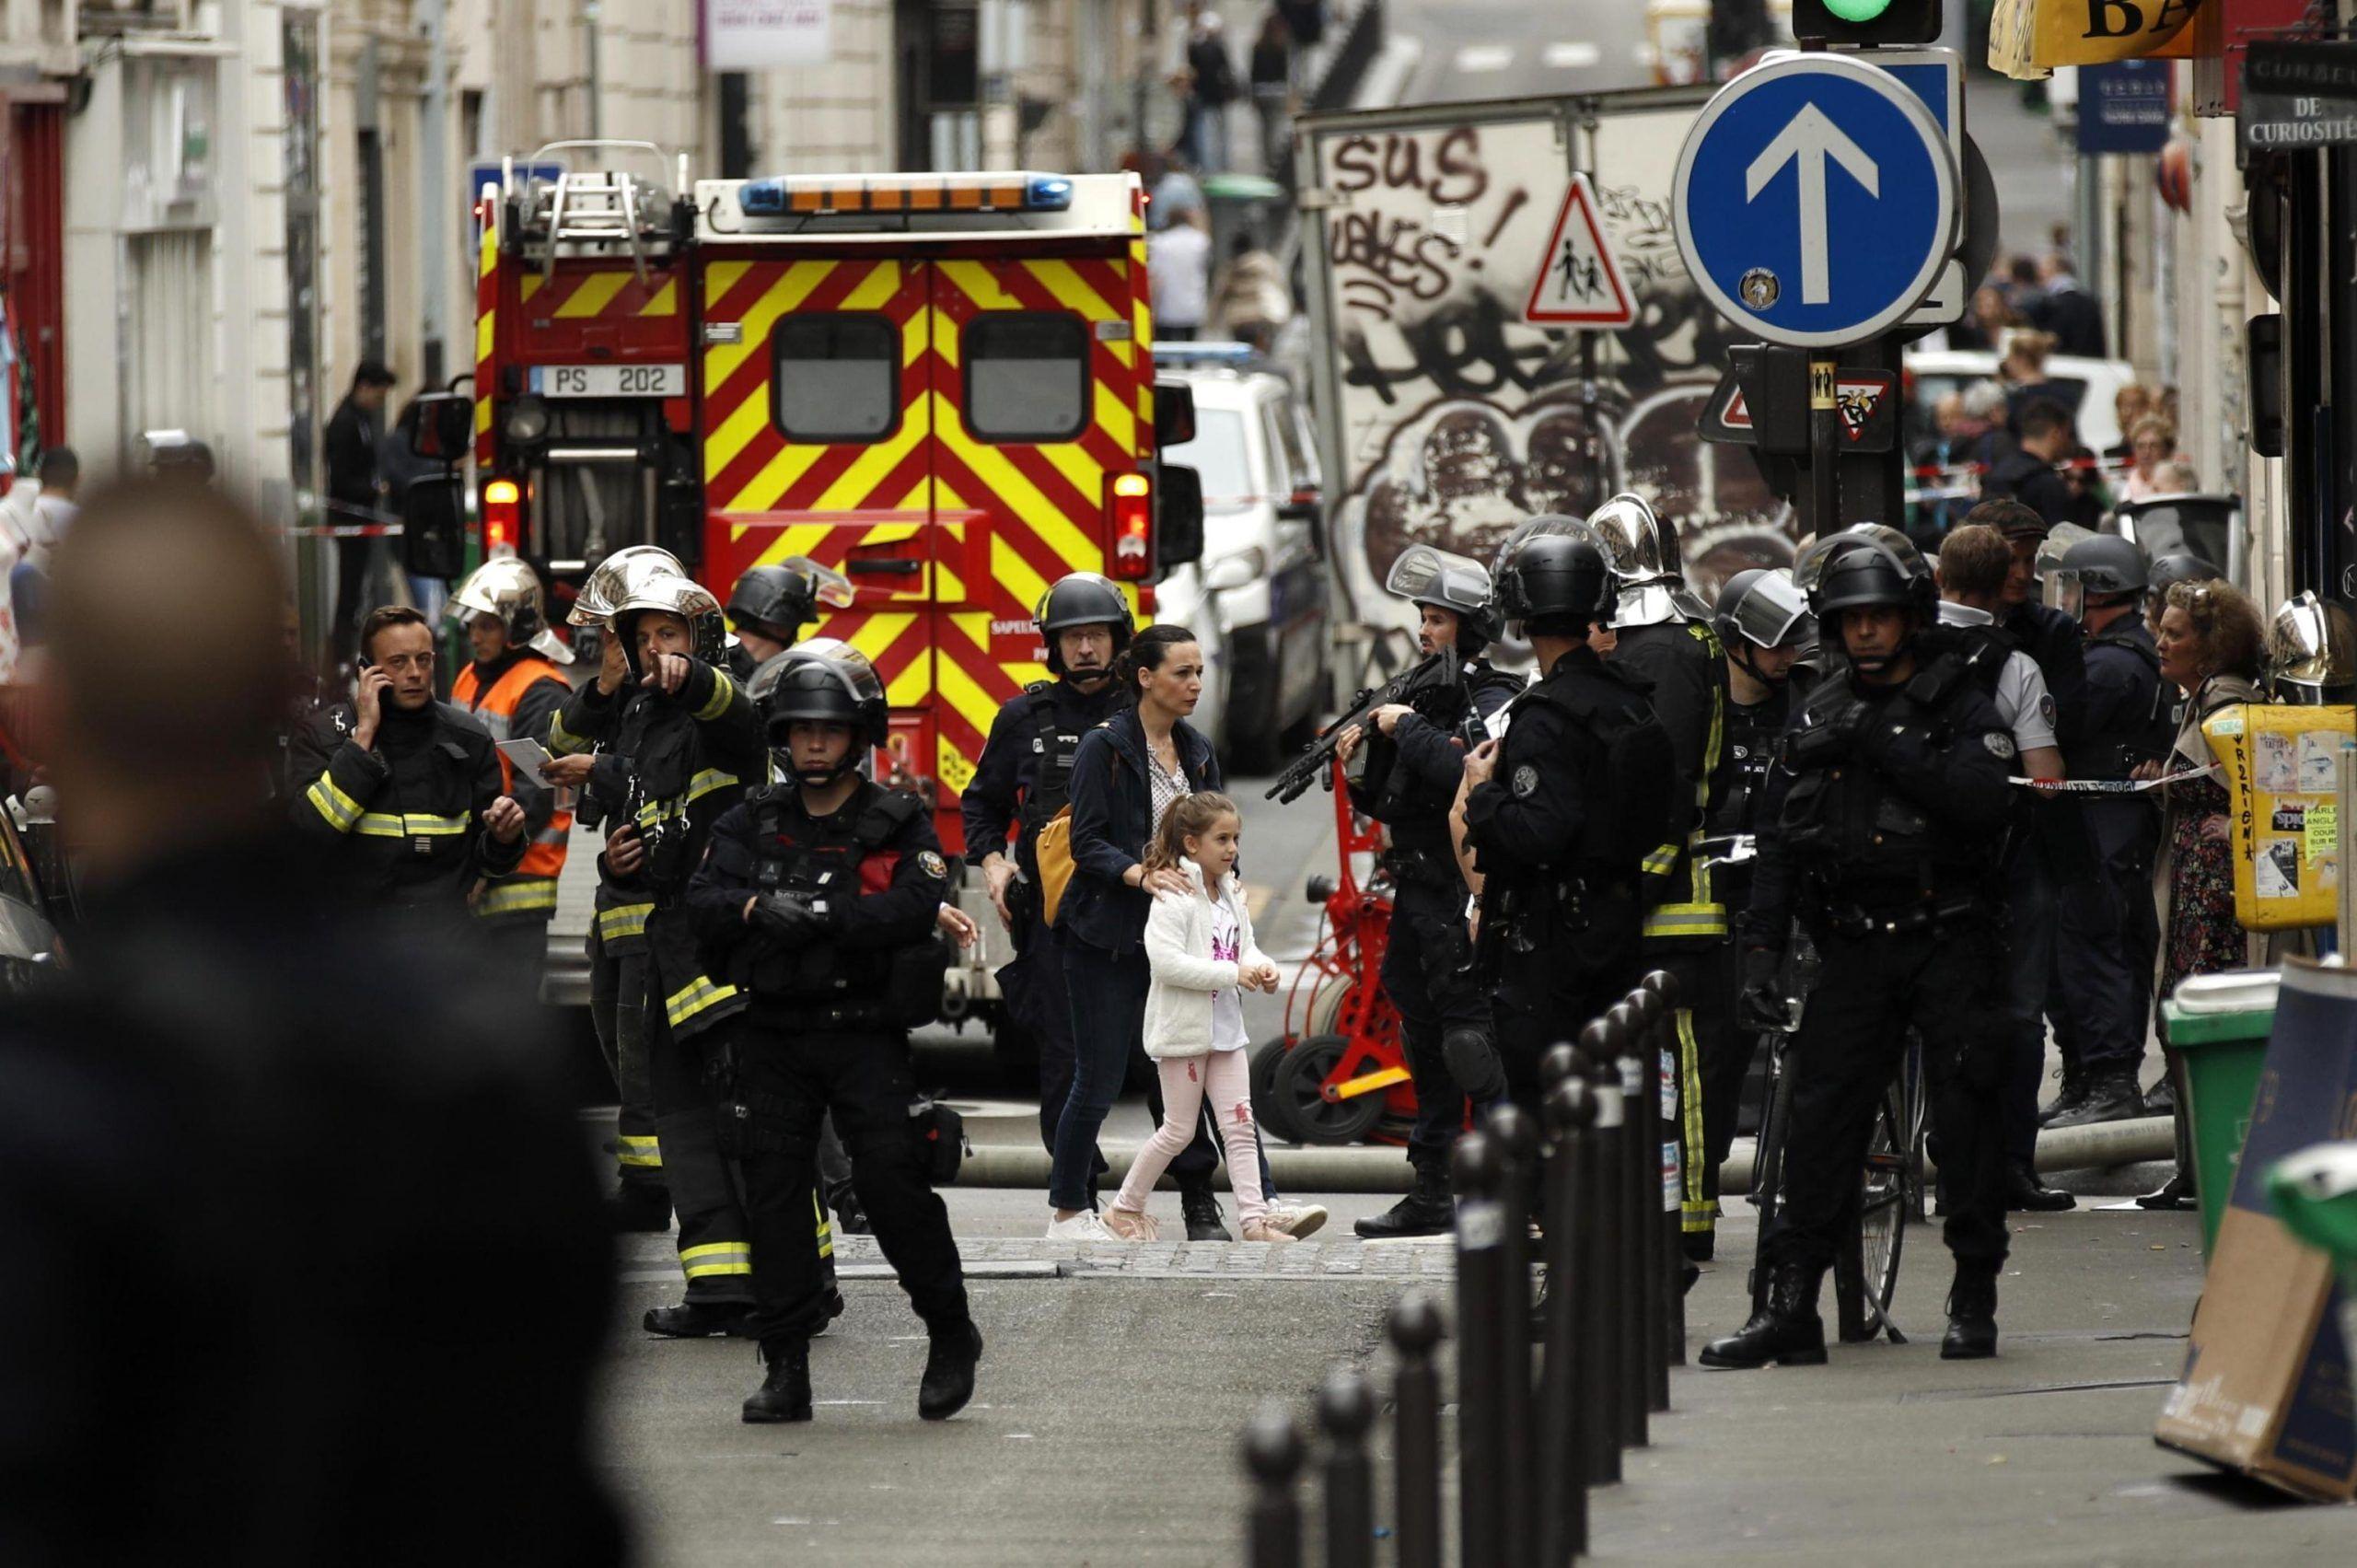 Parigi, uomo armato tiene in ostaggio tre persone